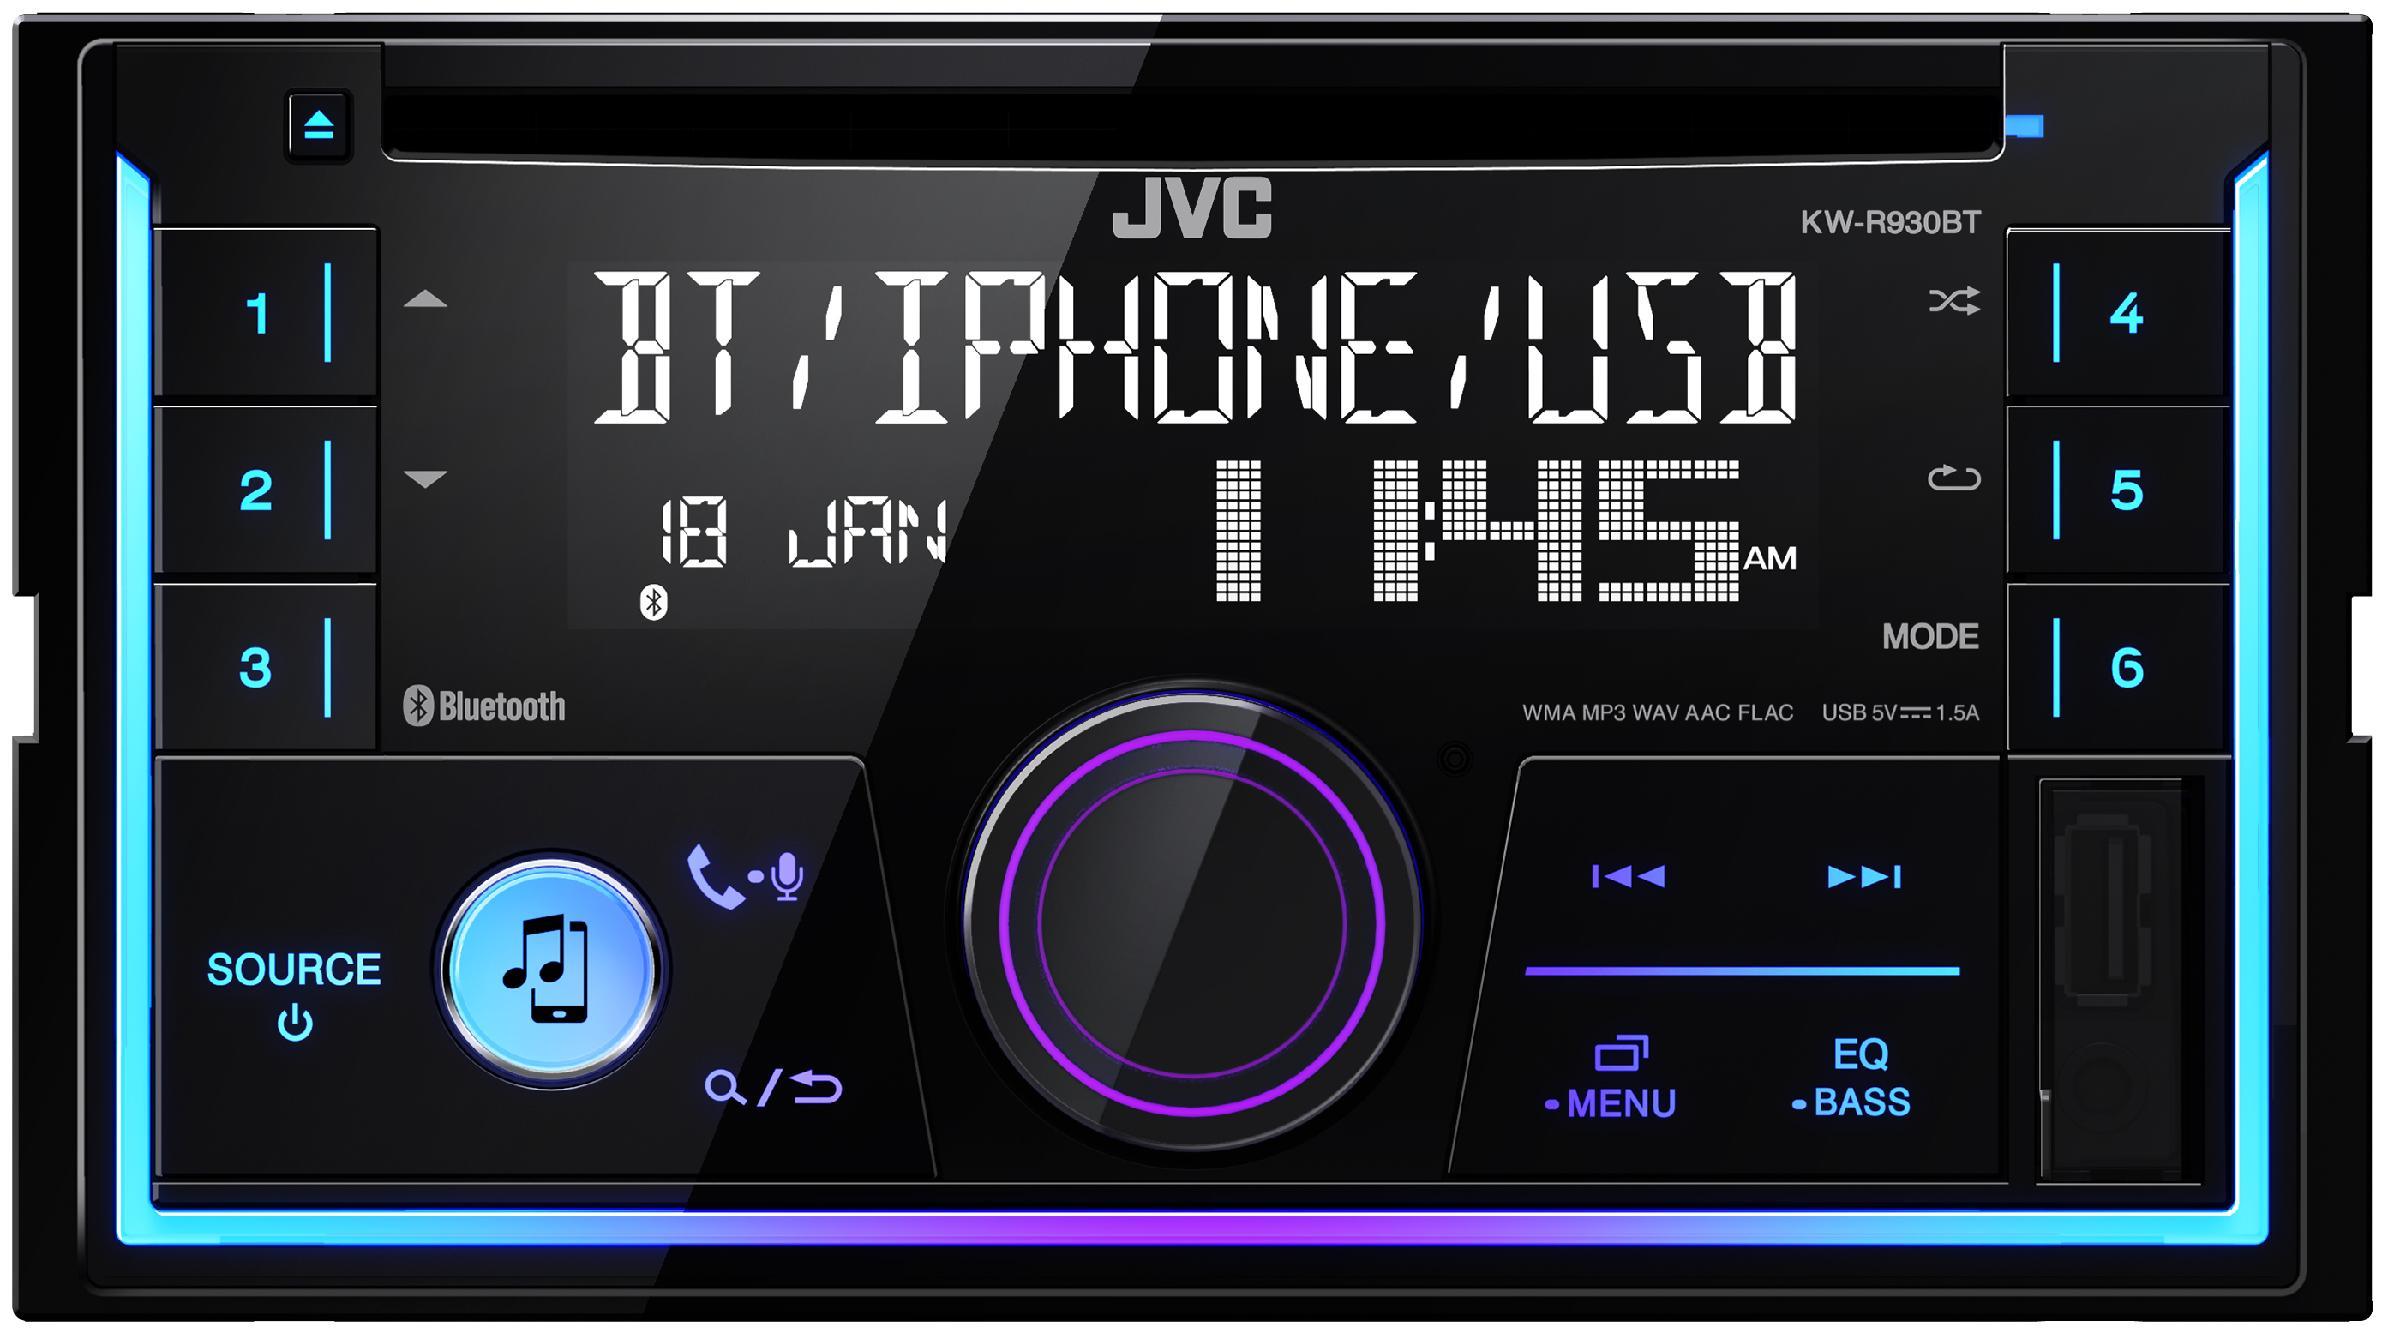 Estéreos KW-R930BT JVC KW-R930BT en calidad original